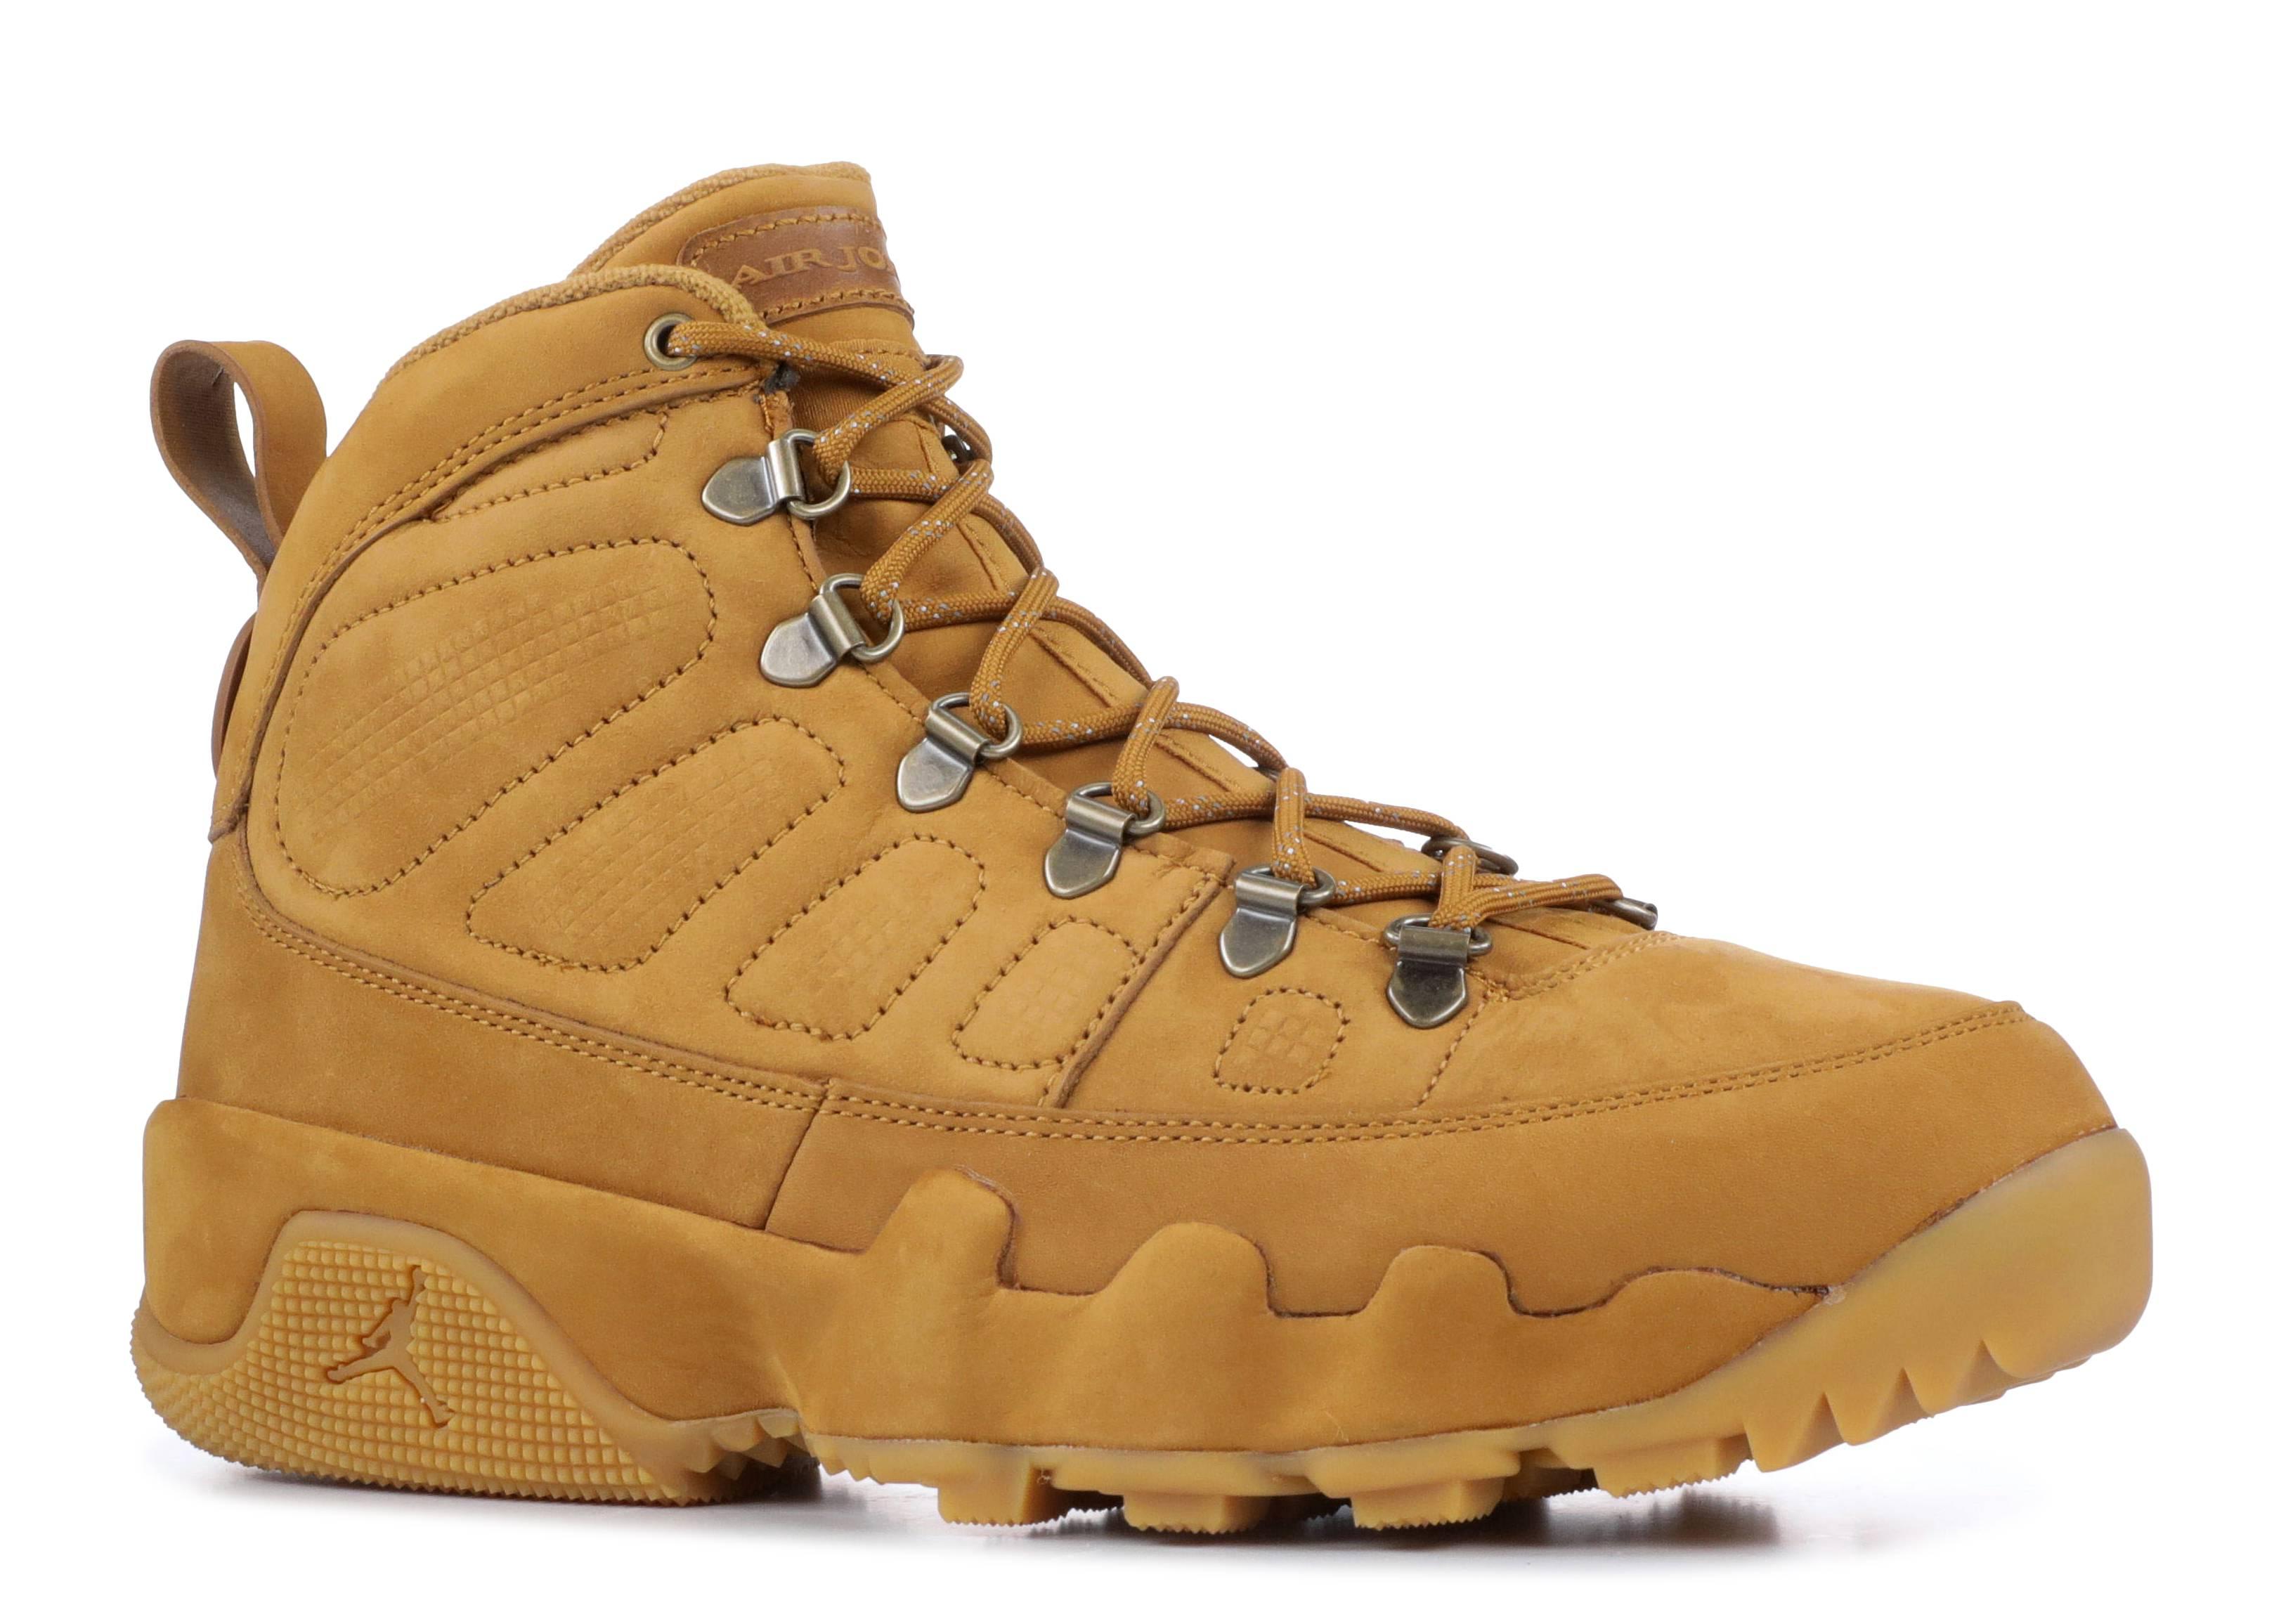 03eb143c91e Air Jordan 9 Retro Boot Nrg - Air Jordan - ar4491 700 - wheat wheat-baroque  brown